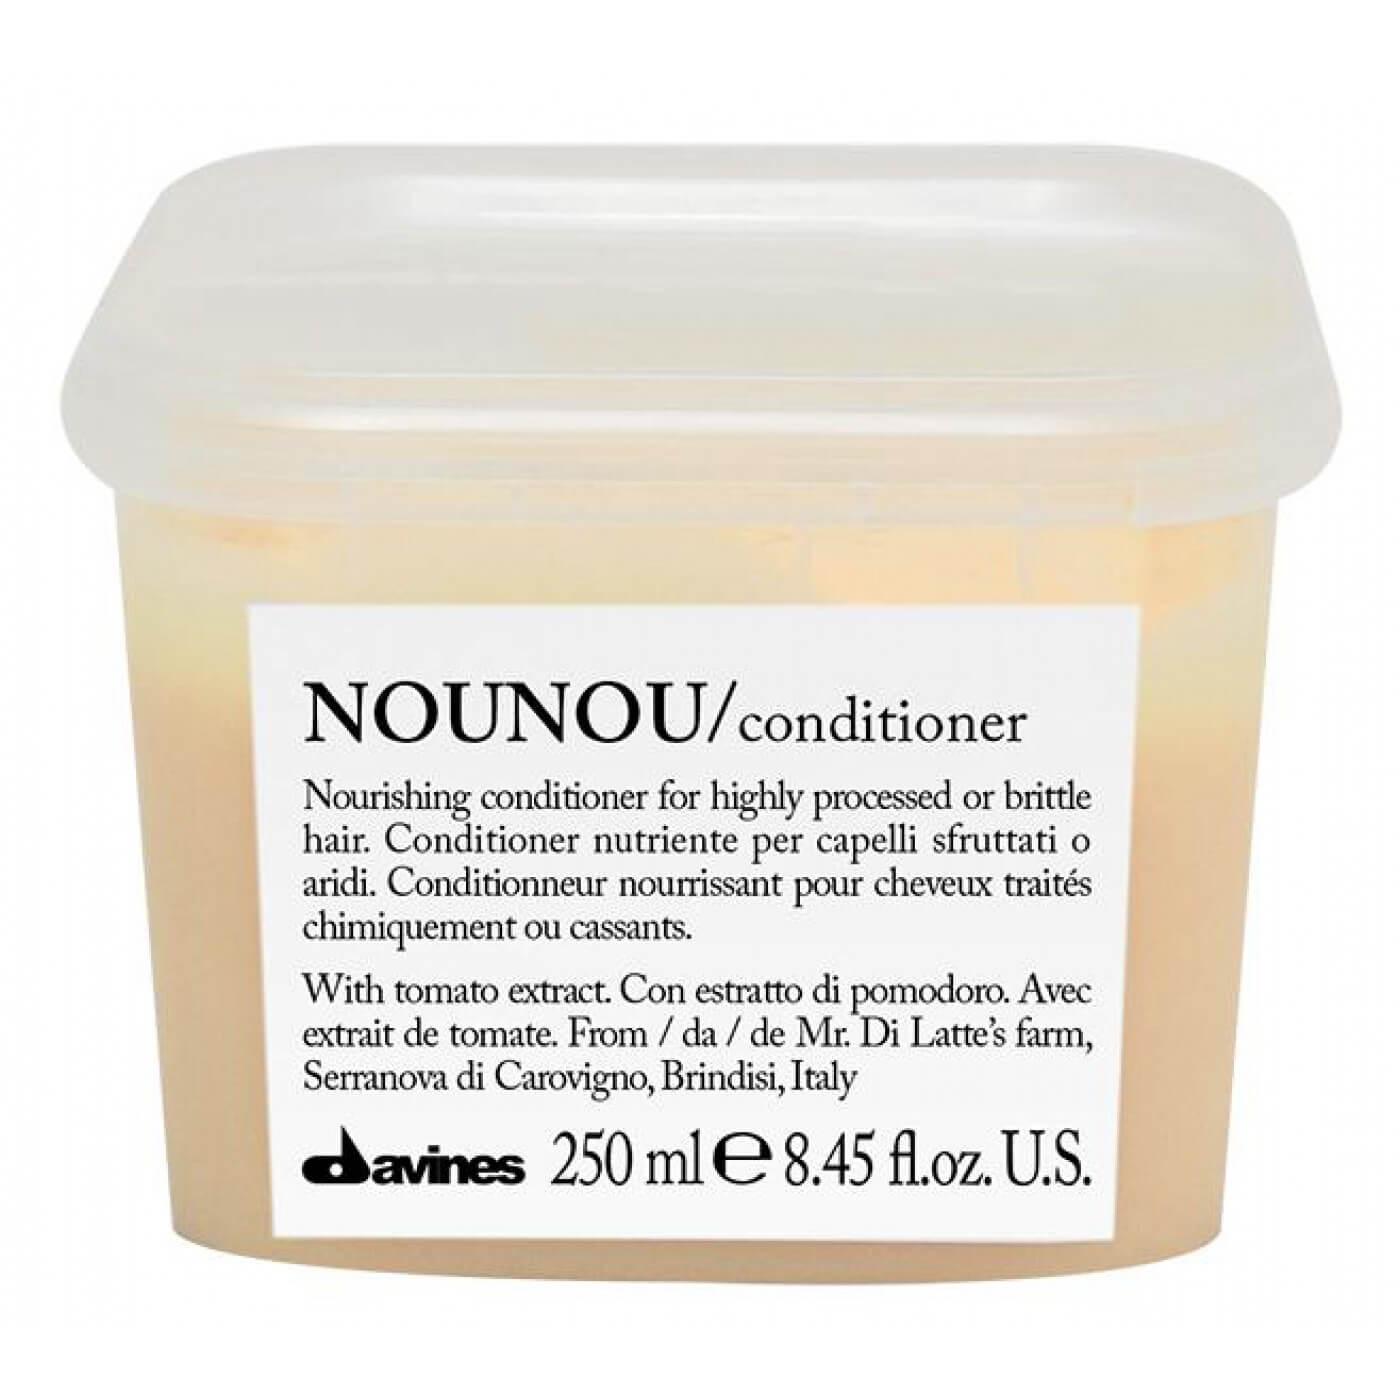 Condicionador Davines NOUNOU 250 ml